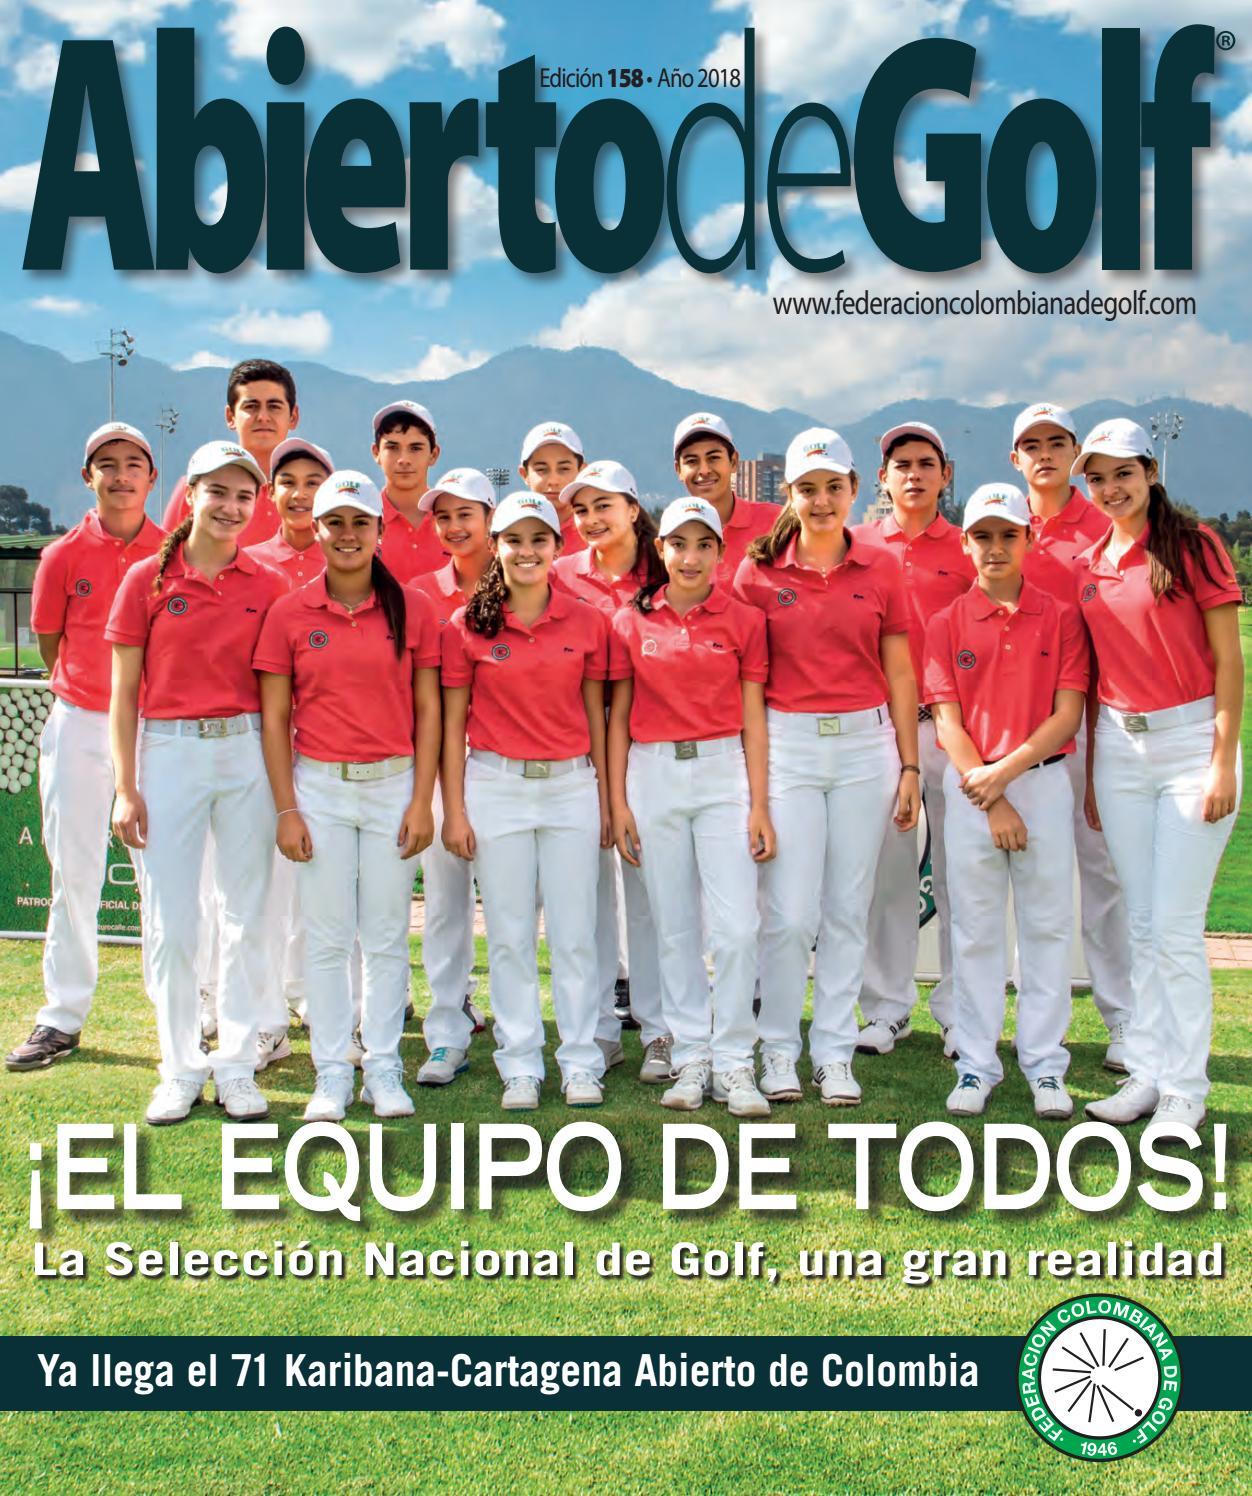 Abierto de Golf - Edición 158 by Prensa Fedegolf - issuu